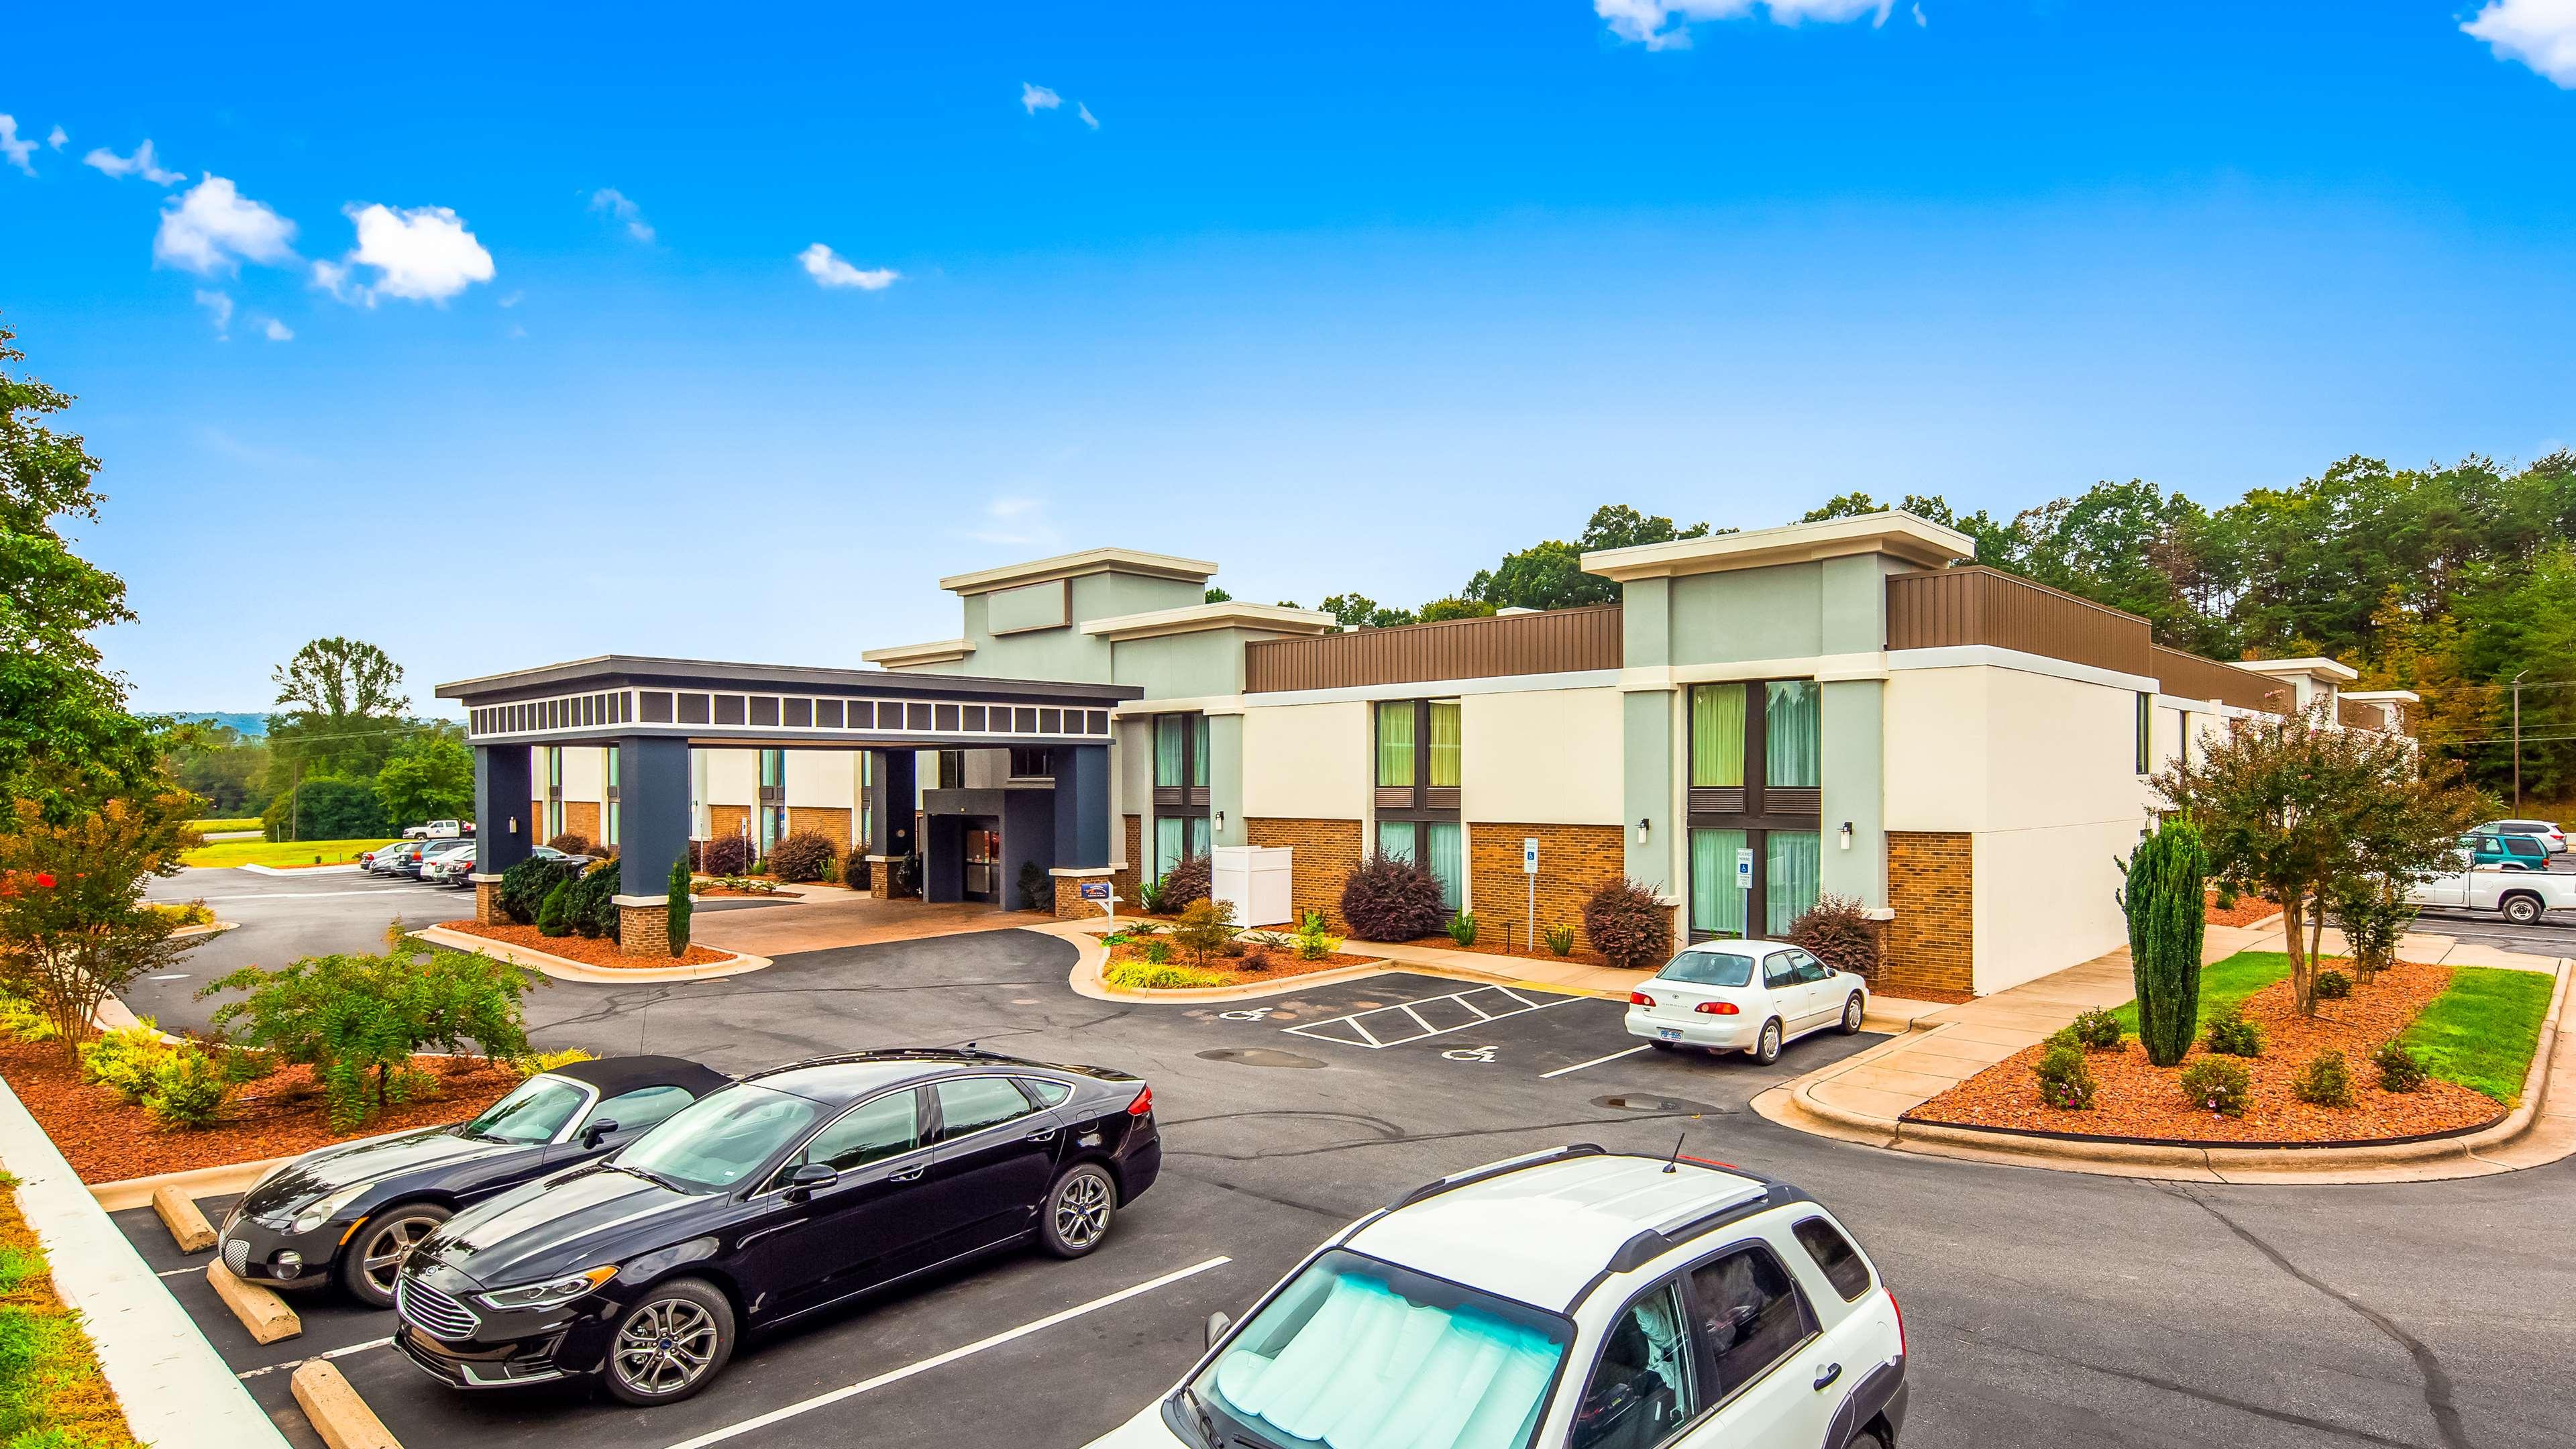 Best Western Plus Yadkin Valley Inn & Suites image 0